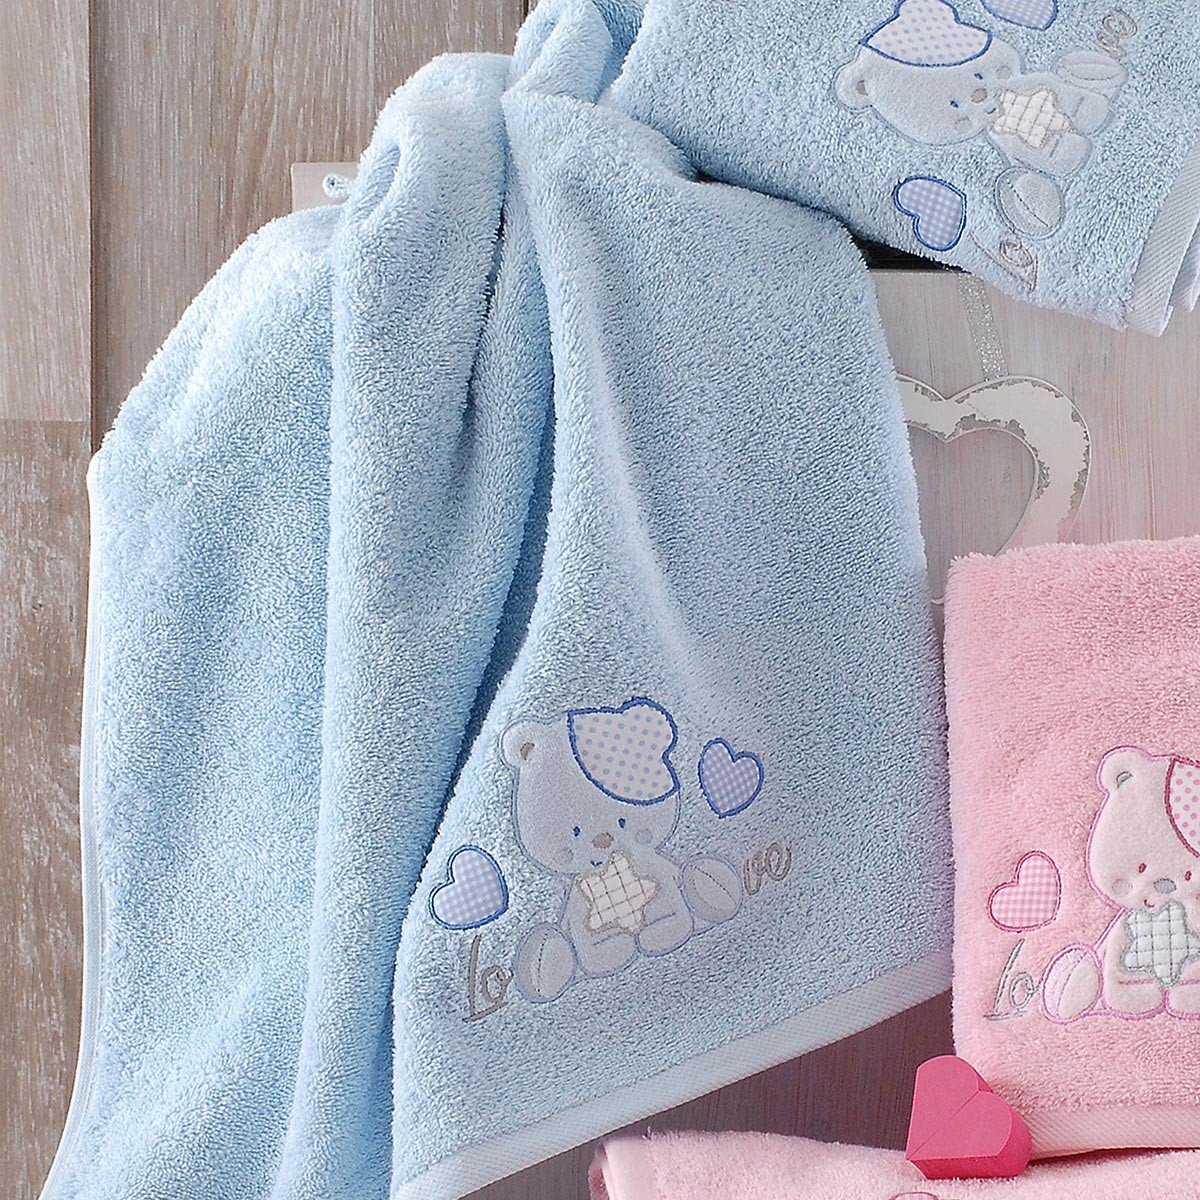 Βρεφικές Πετσέτες (Σετ 2τμχ) Rythmos Baby LoveLove Ciel